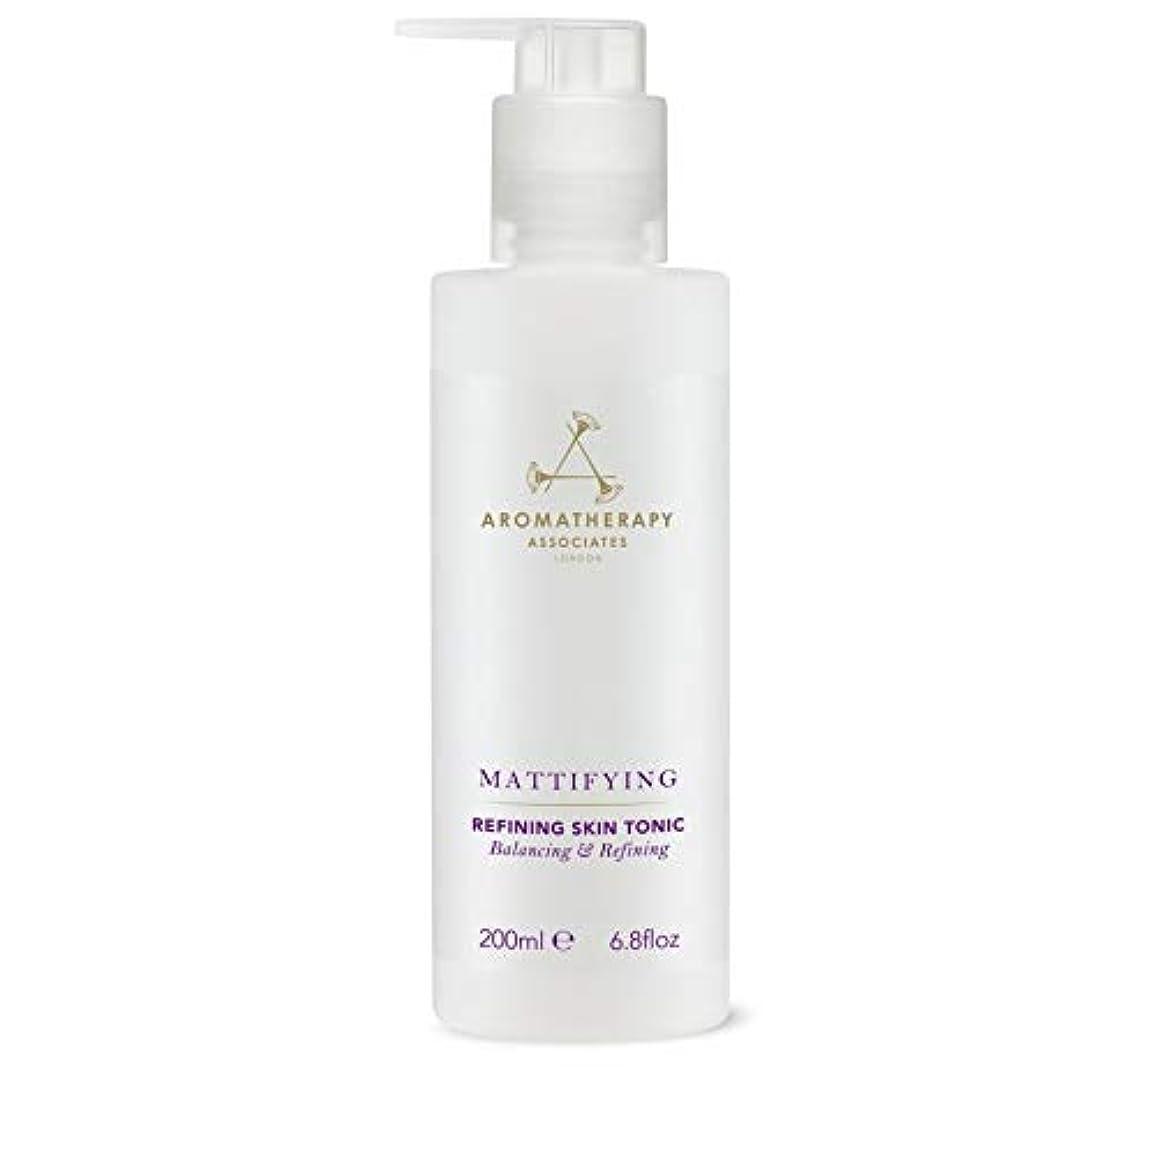 用量スチュワード再現する[Aromatherapy Associates ] アロマセラピーアソシエイツ精錬皮膚の強壮剤、アロマセラピーアソシエイツ - Aromatherapy Associates Refining Skin Tonic,...